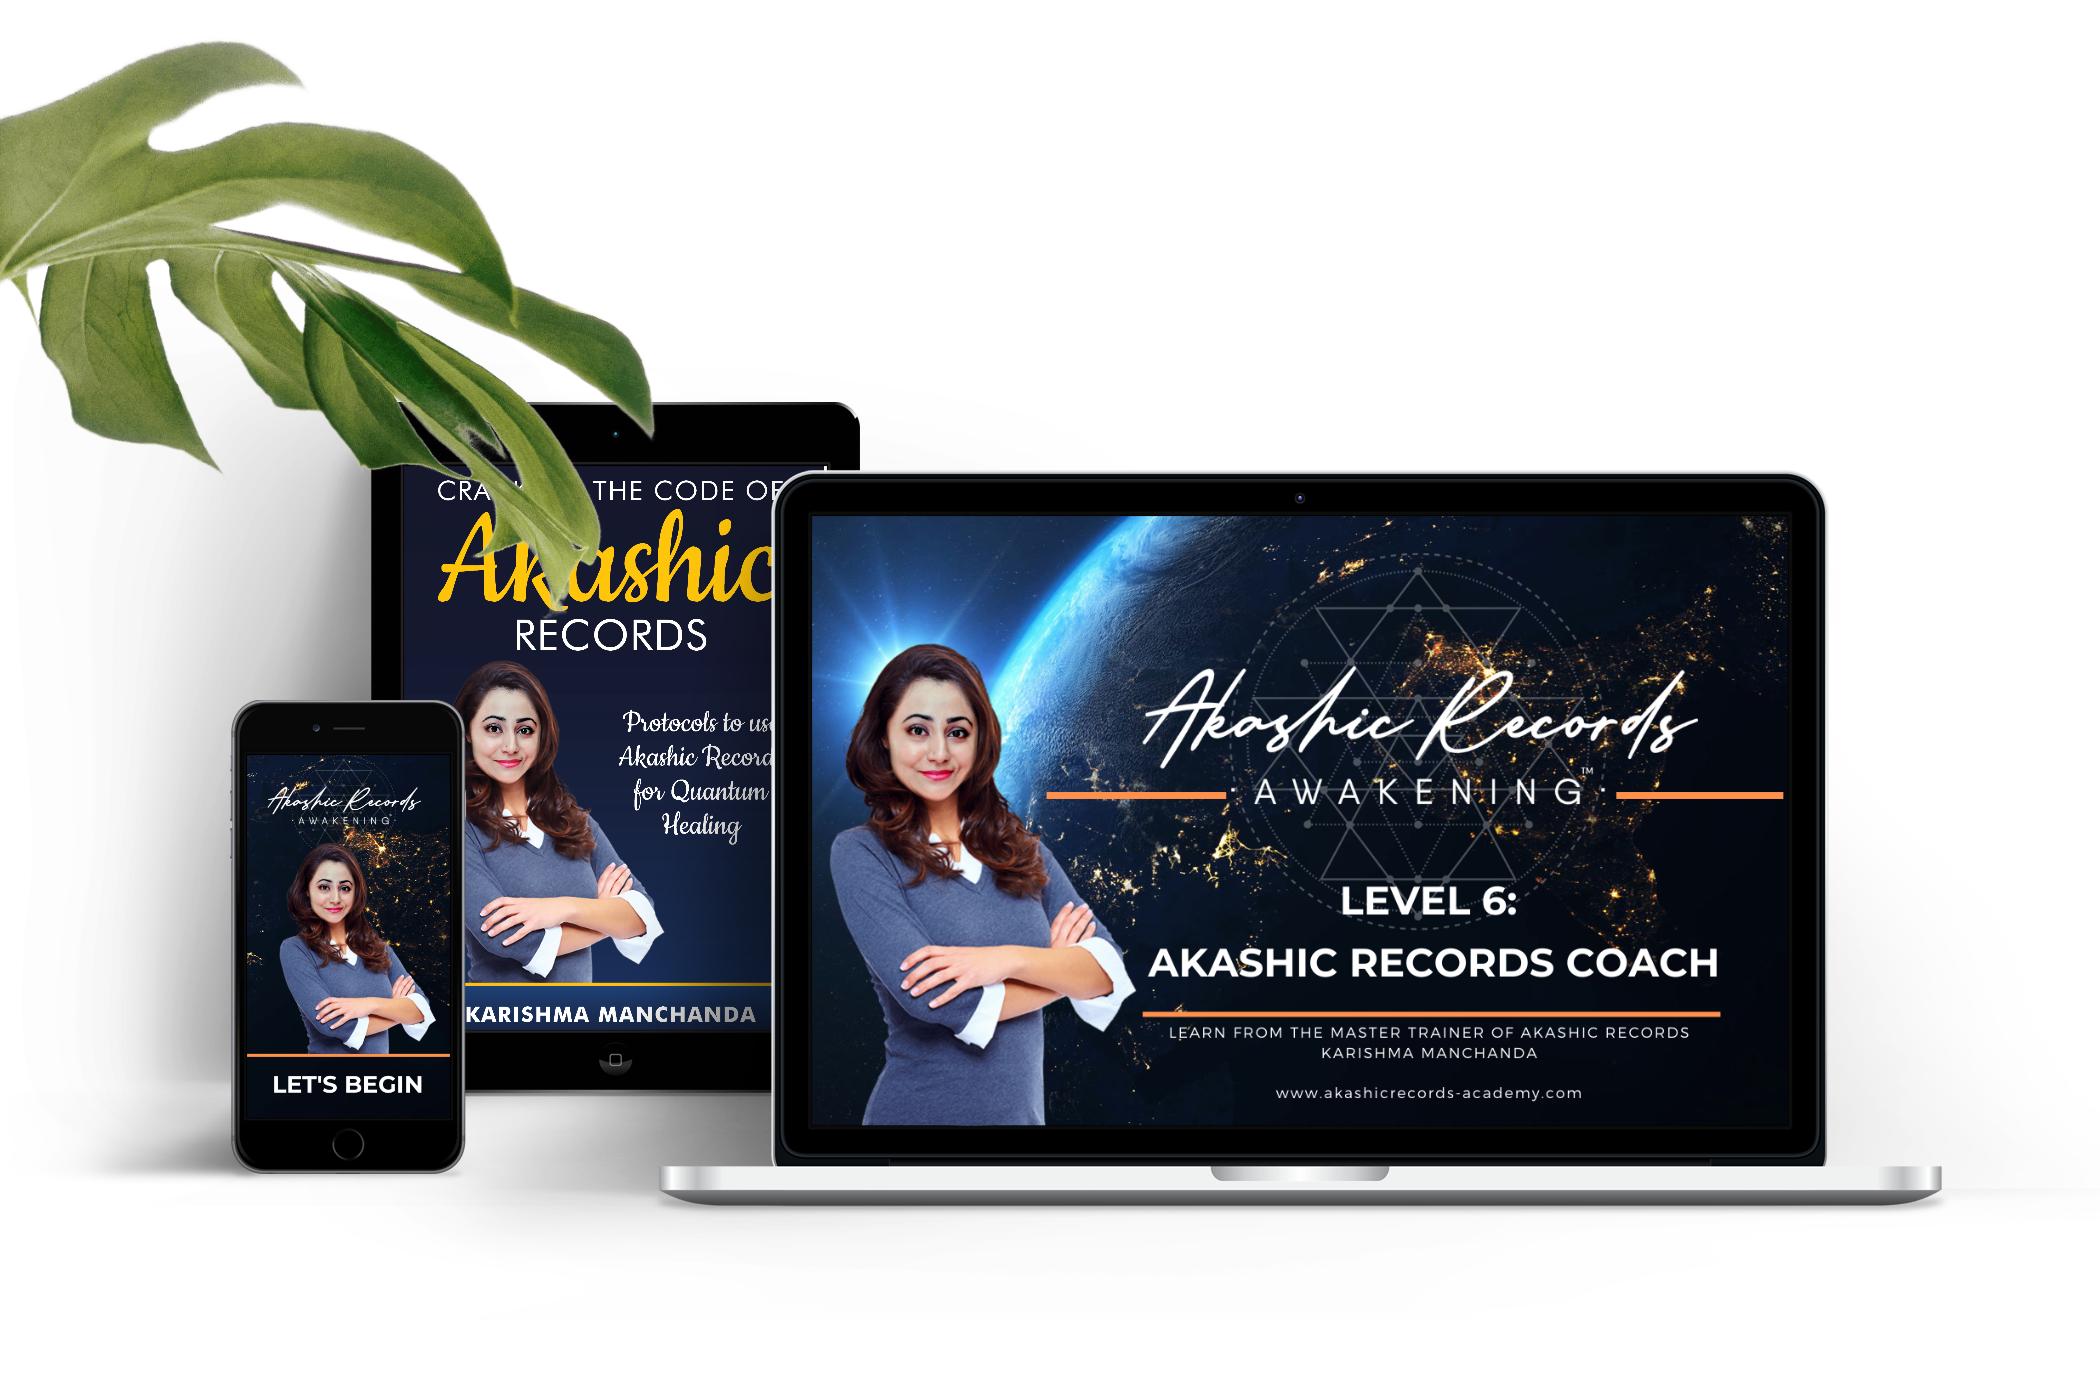 Level 6: Akashic Records Coach